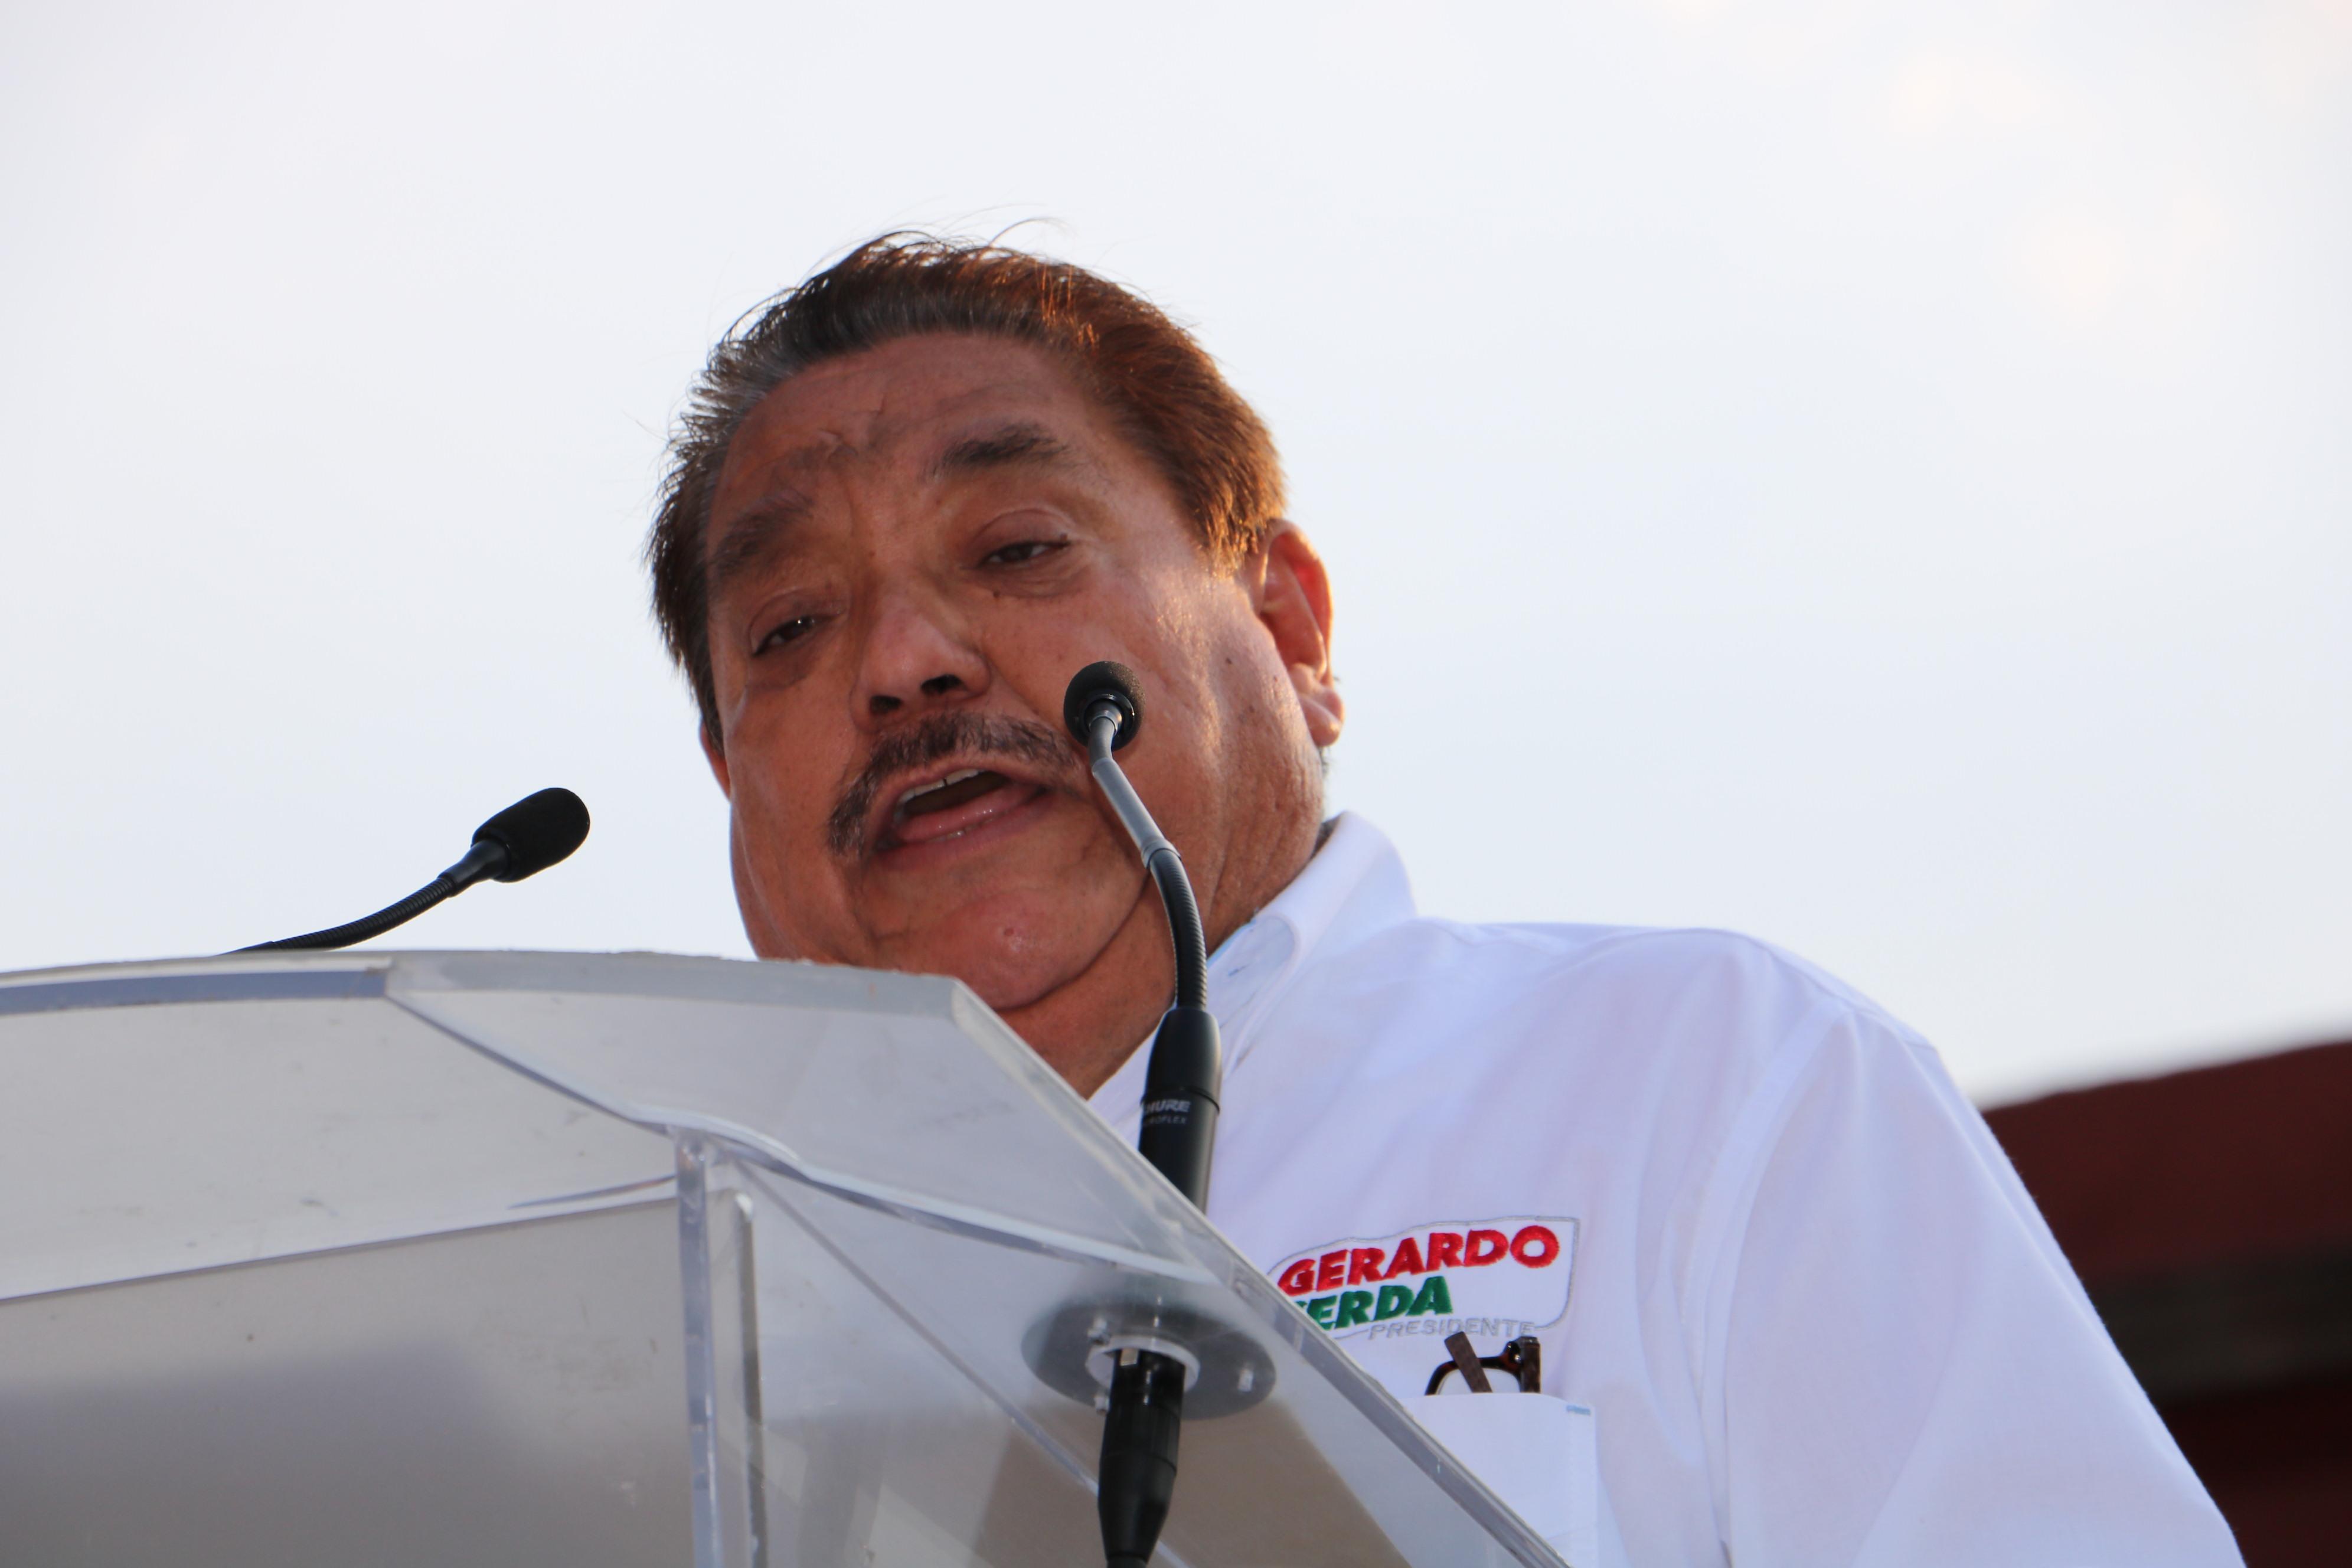 Gerardo Cerda